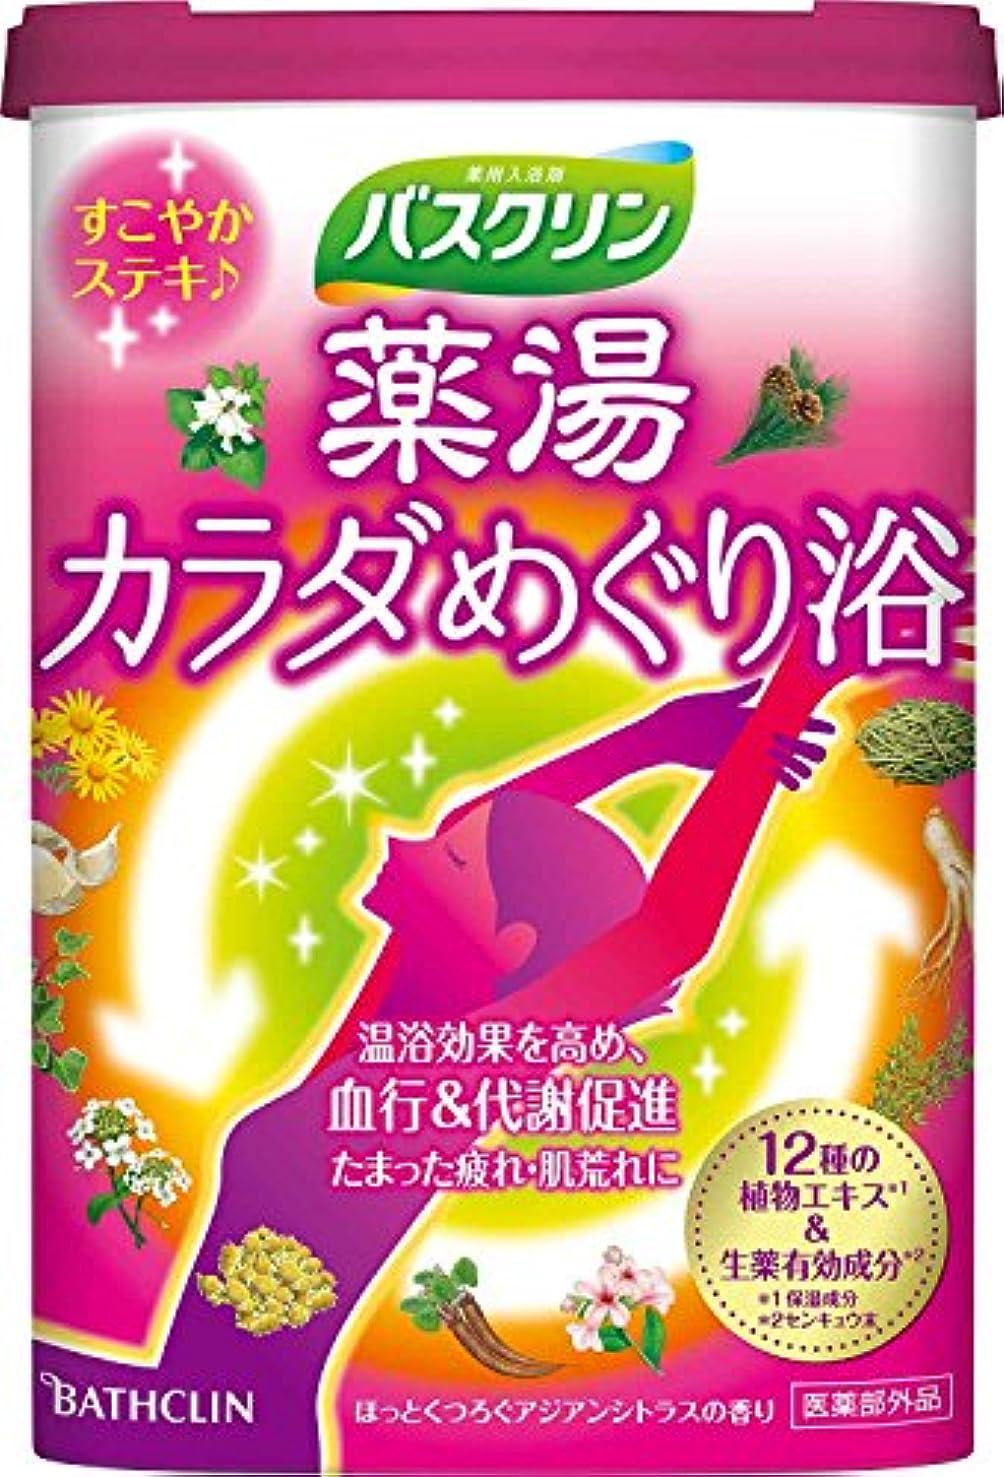 製作パケット始める【医薬部外品】バスクリン 薬湯カラダめぐり浴600g入浴剤